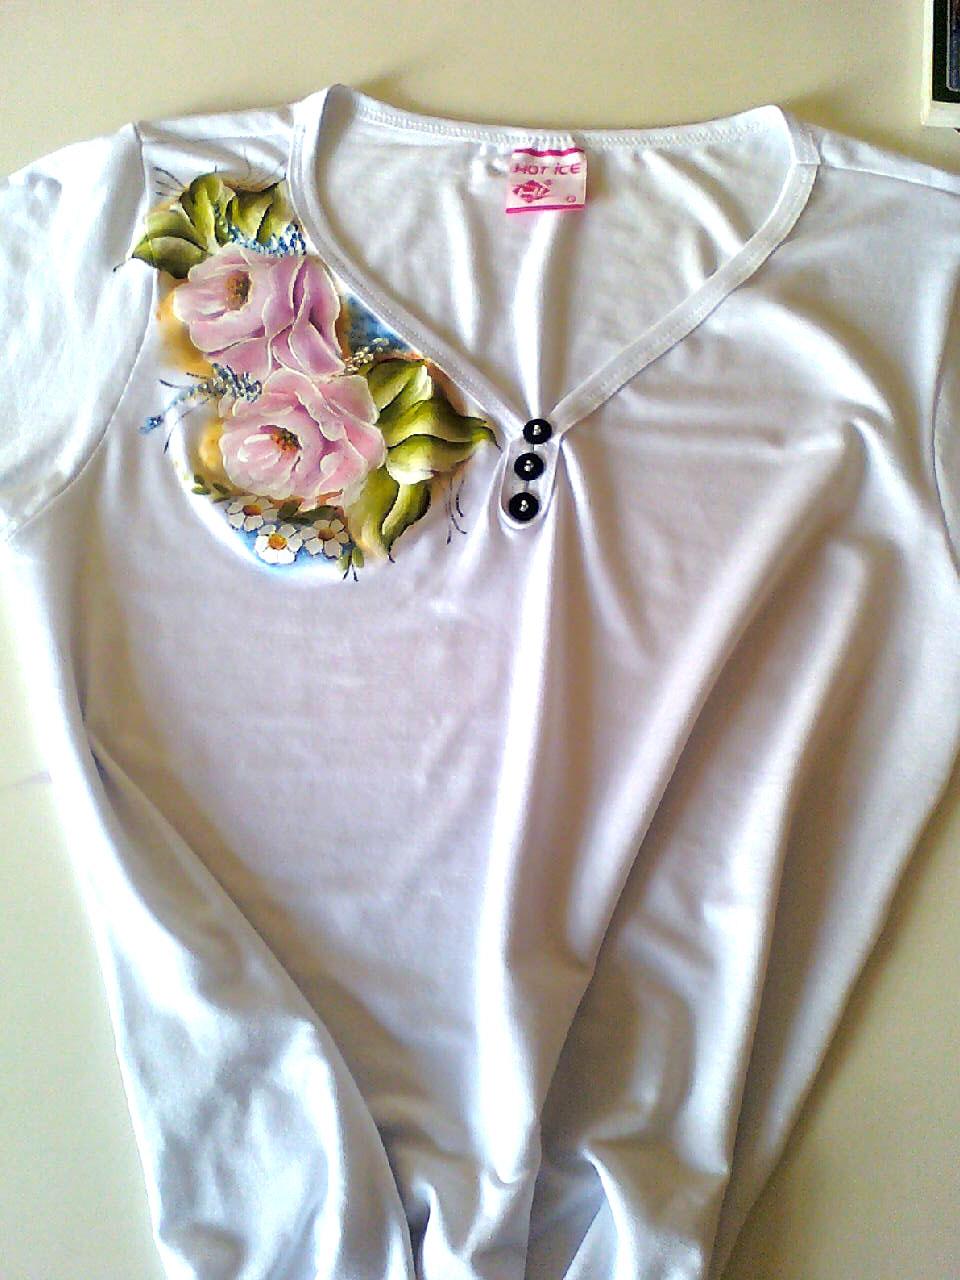 Cantinho chique pintura de rosas em - Pintura para camisetas ...